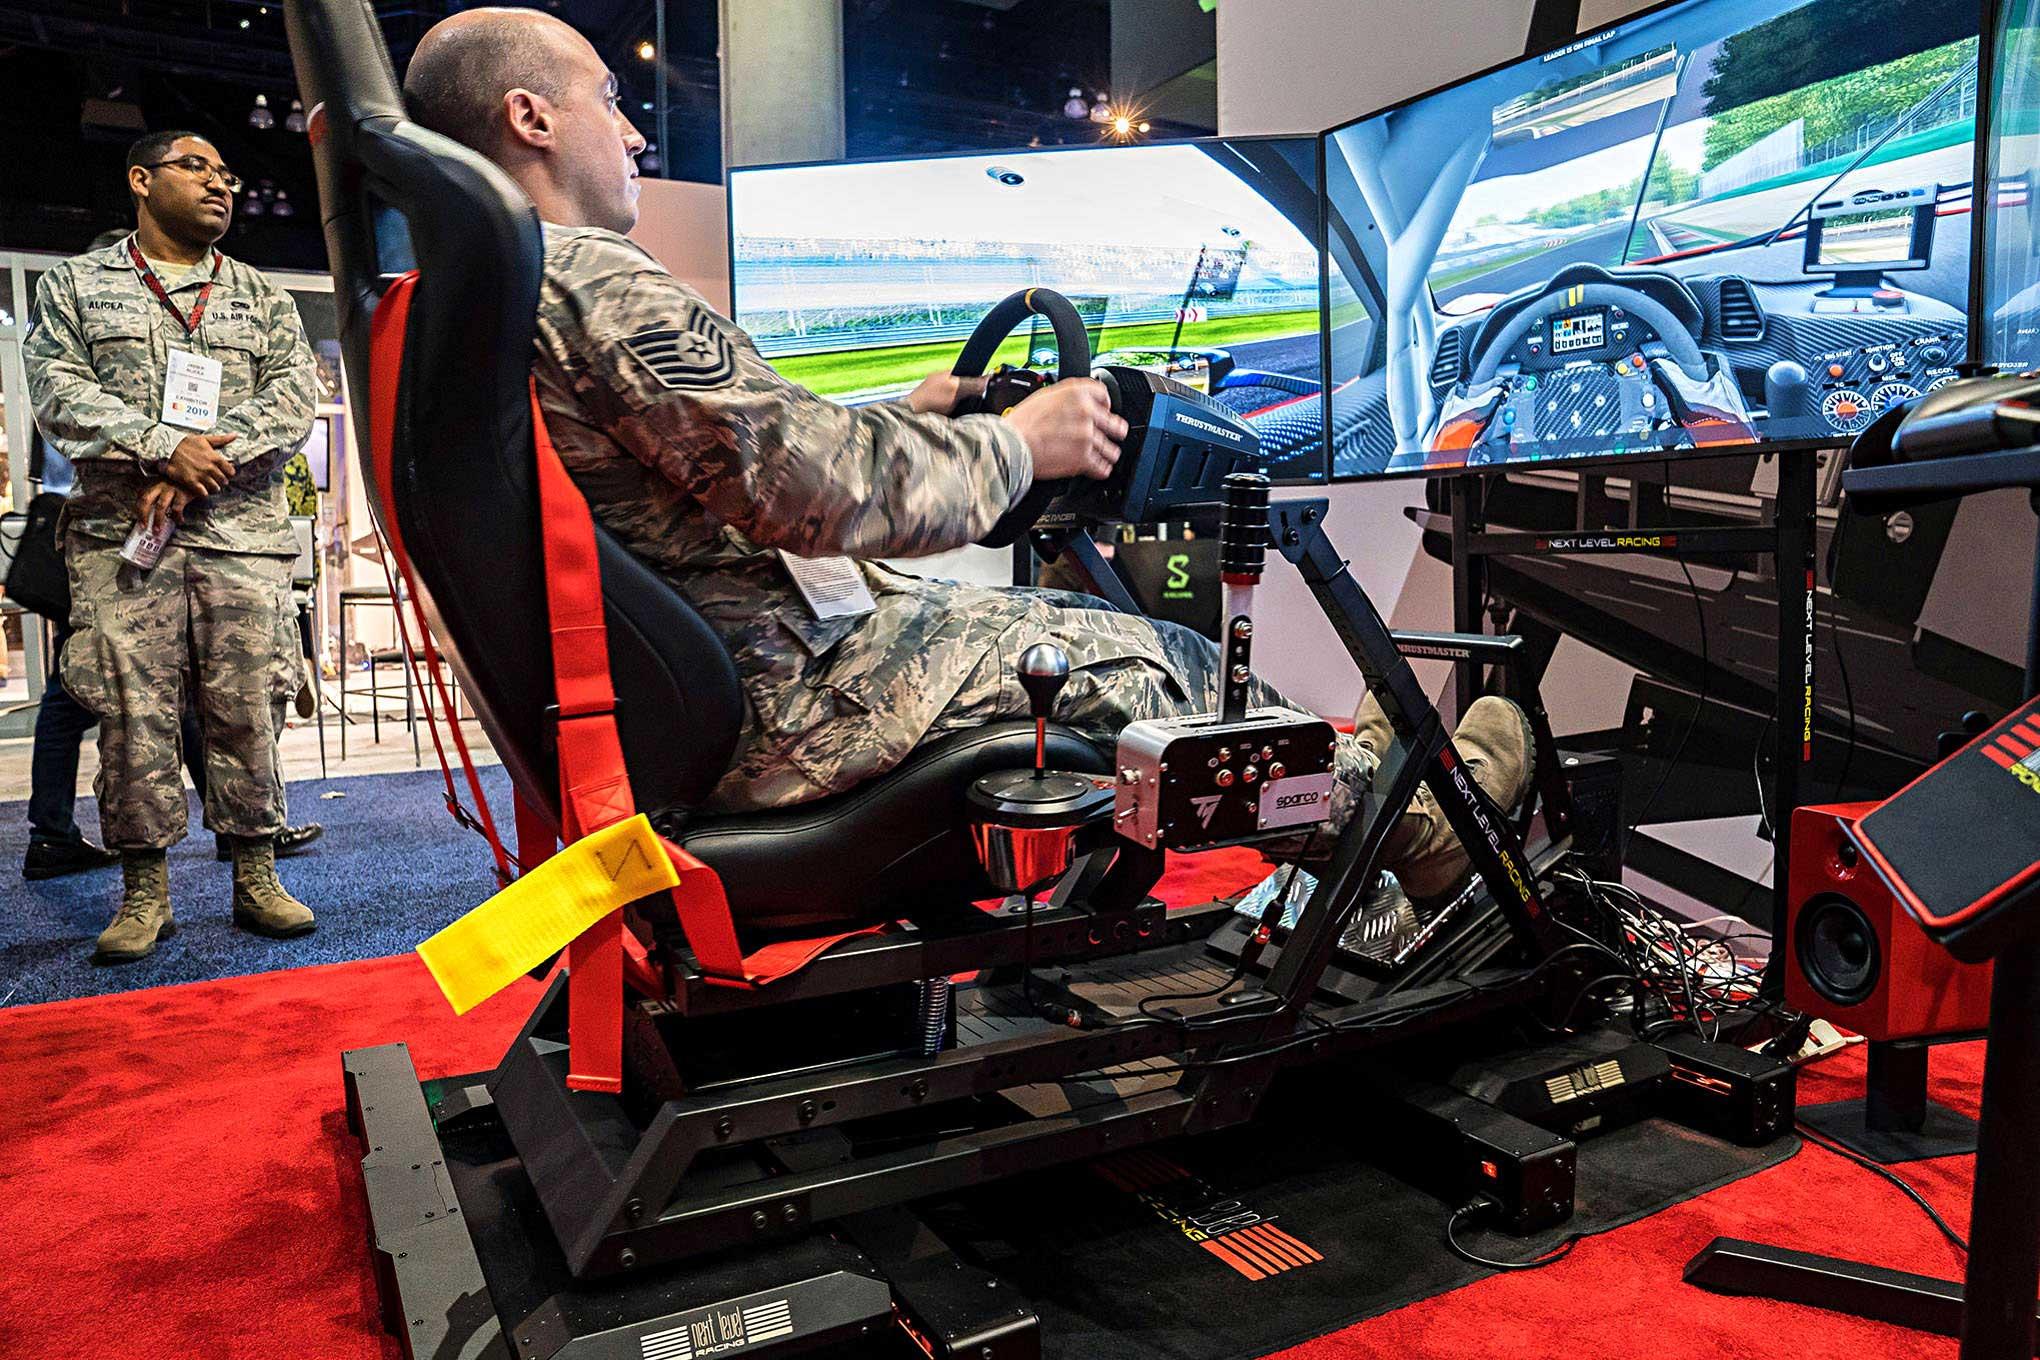 $20k Racing Simulator Breakdown